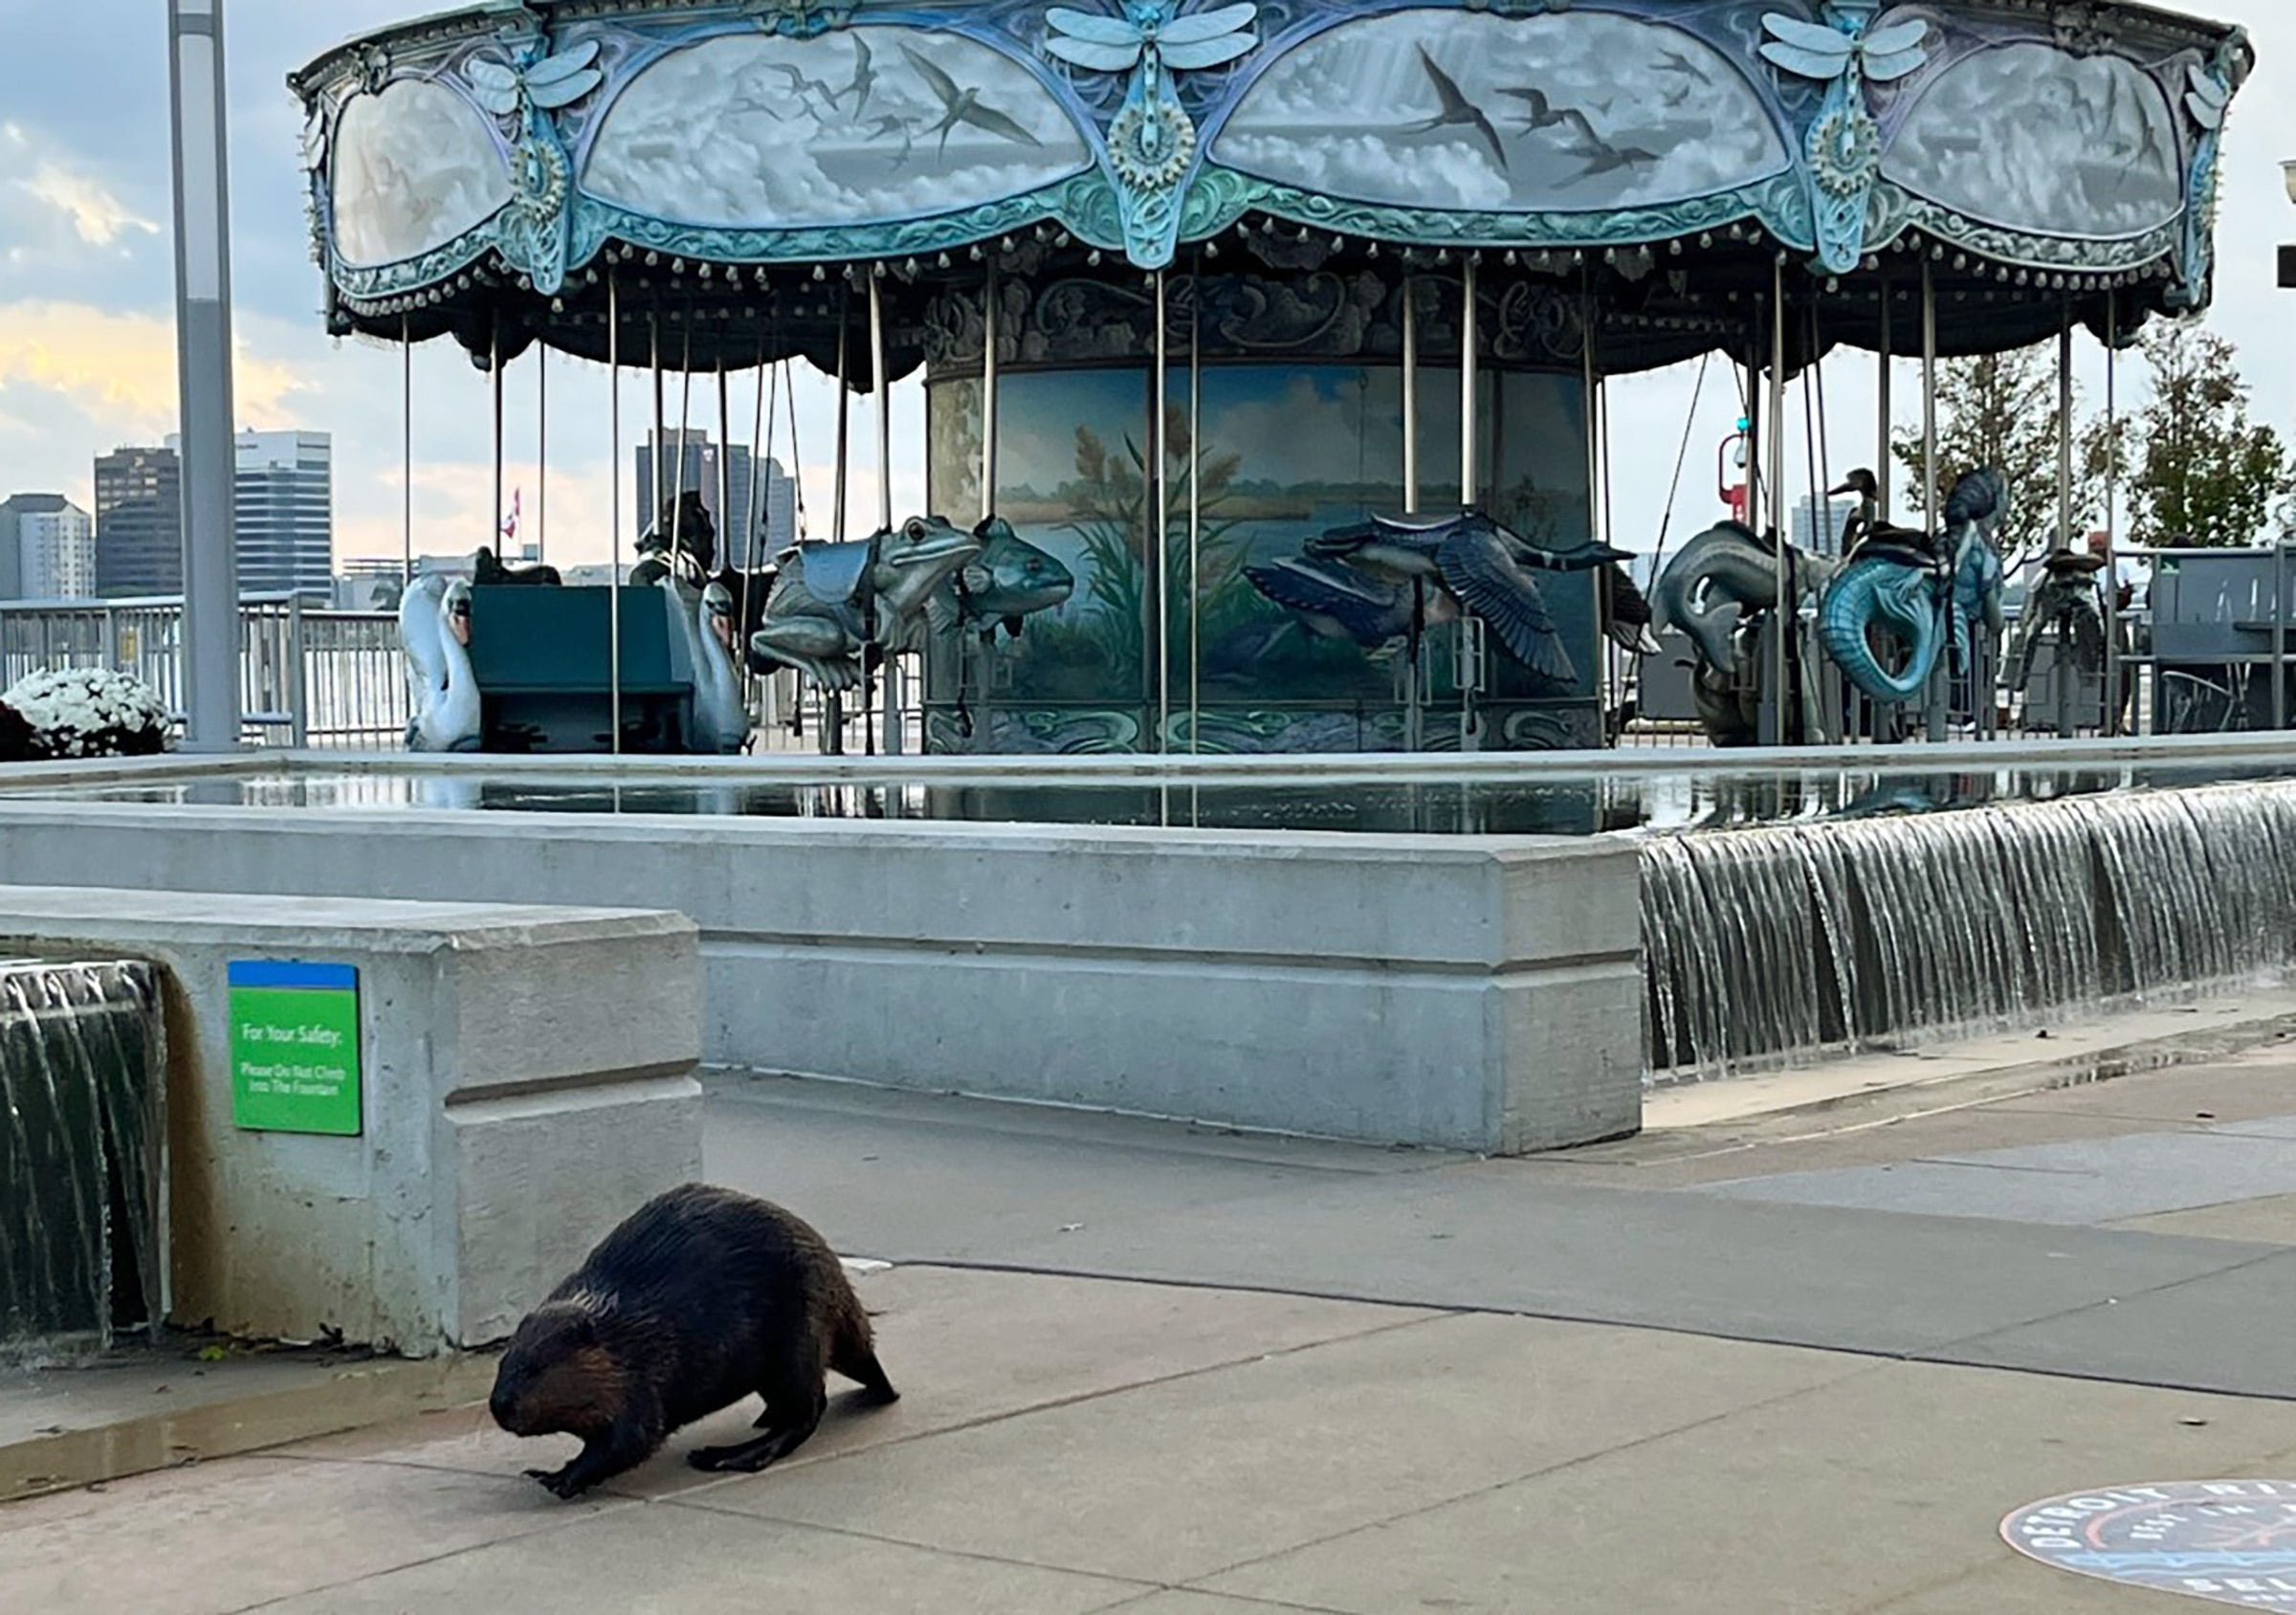 Beaver goes for a stroll along Detroit's RiverWalk